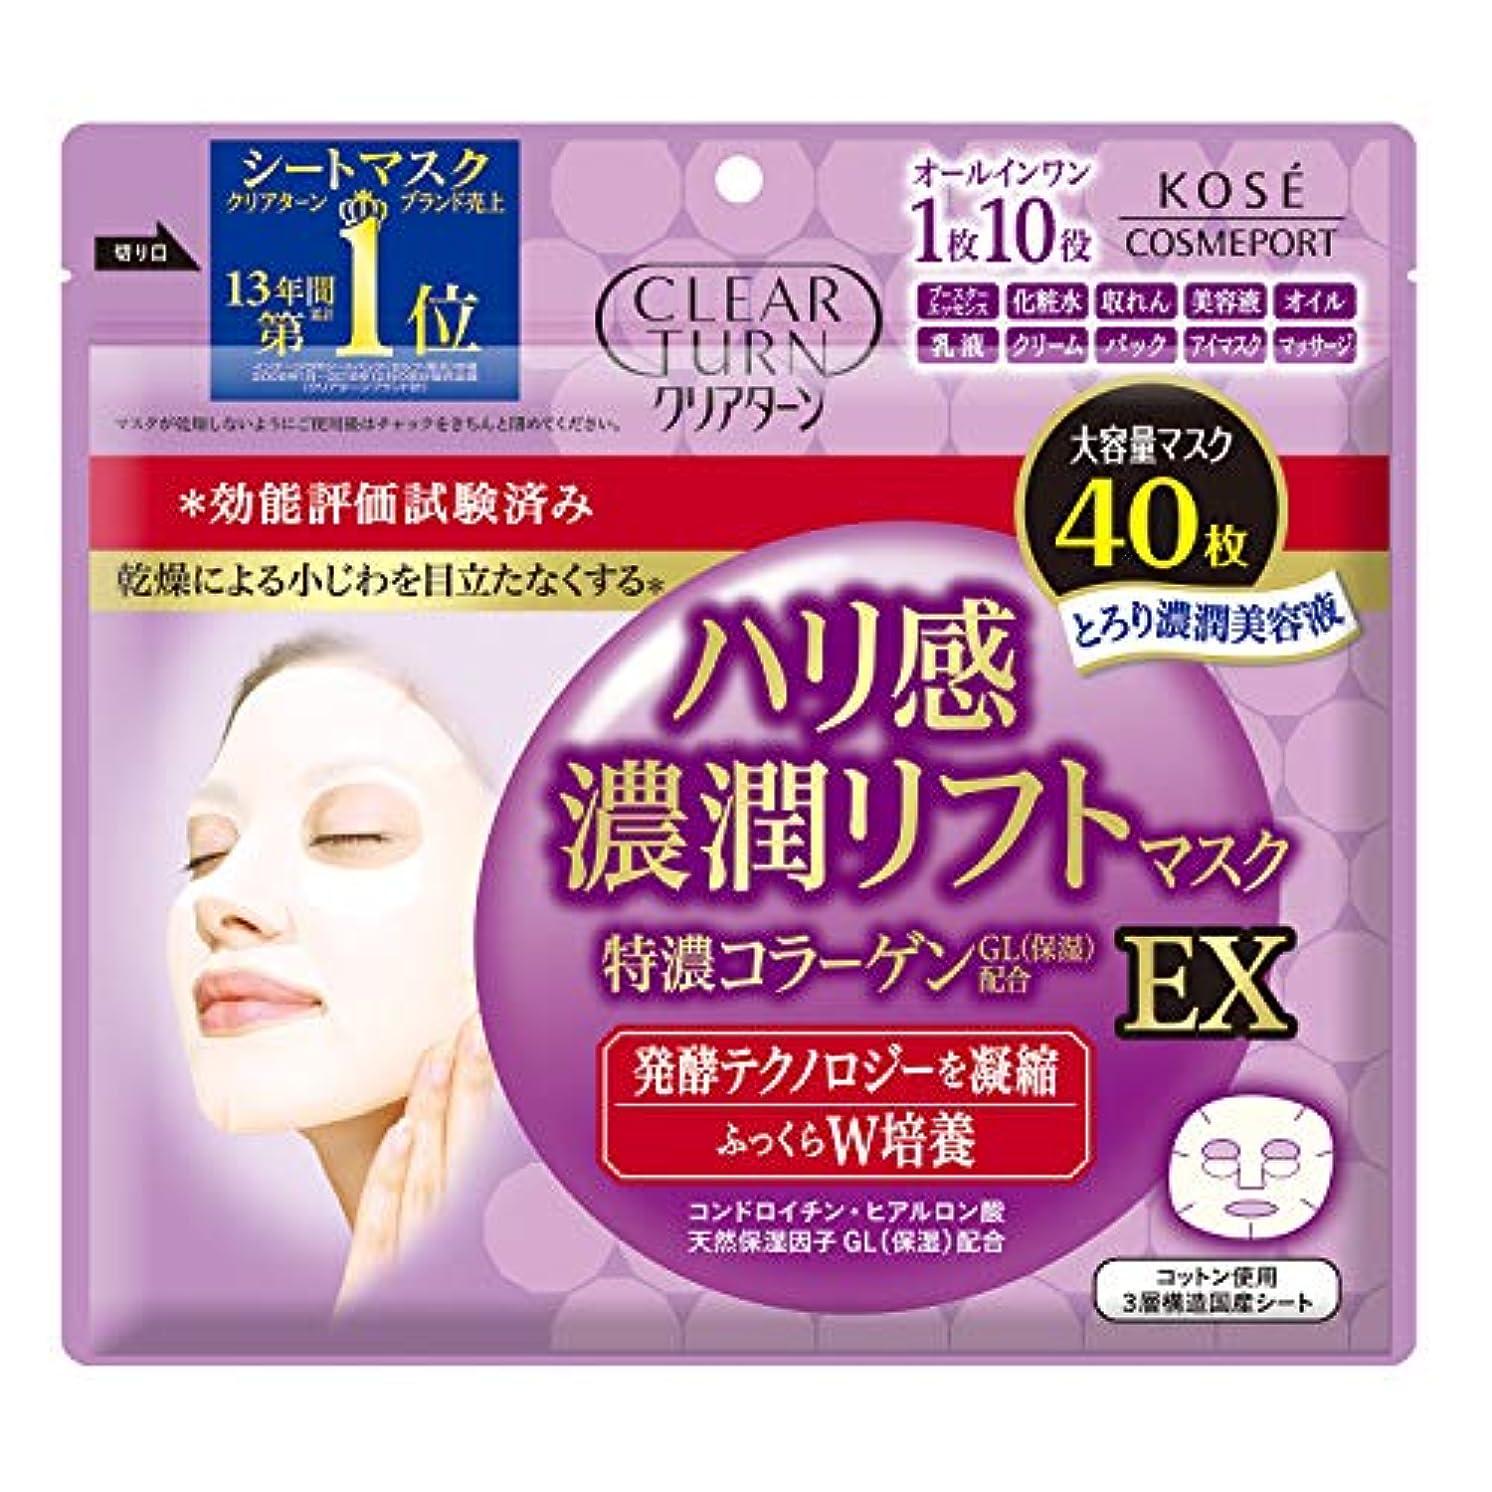 女王金属グローバルクリアターン ハリ感濃潤リフトマスク EX フェイスマスク 40枚